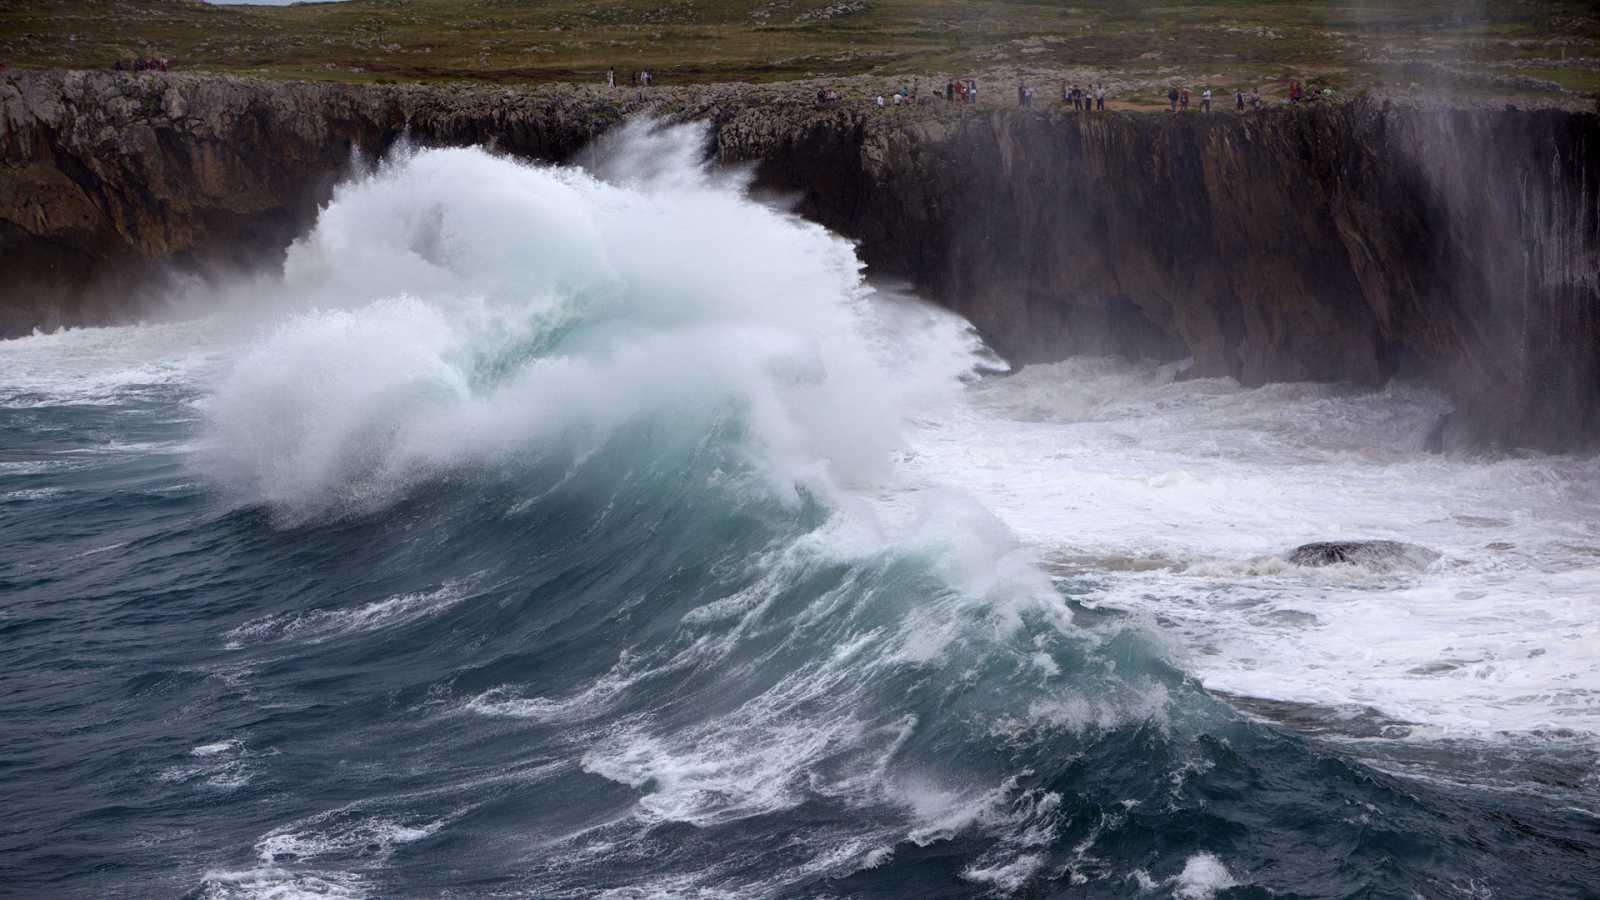 Continúan los avisos en 7 provincias por mala mar - Ver ahora